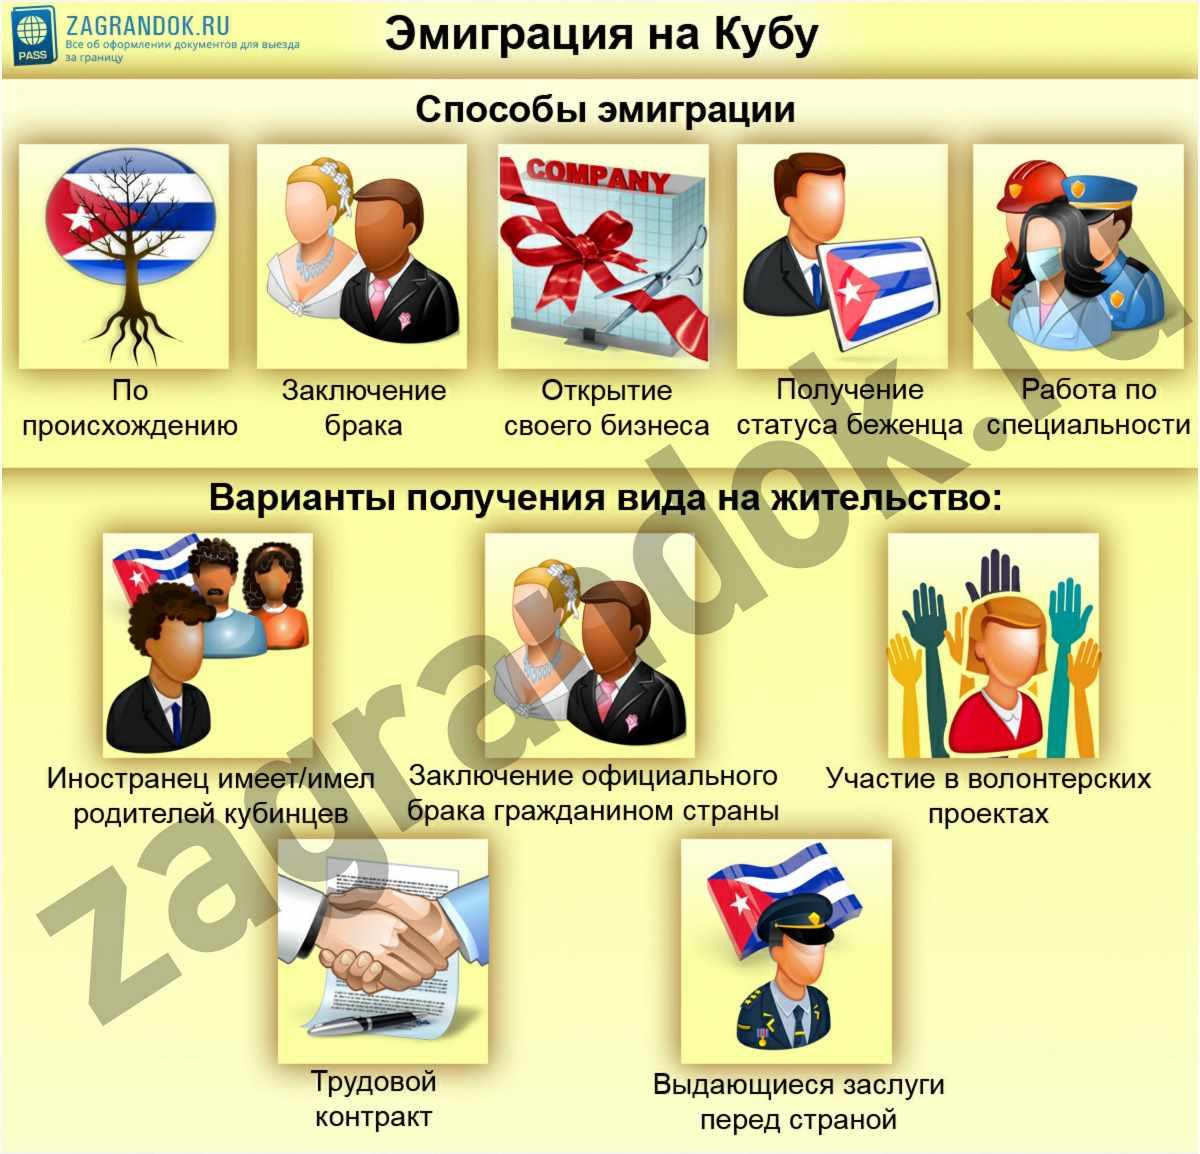 Как открыть бизнес в чехии: основные моменты и особенности